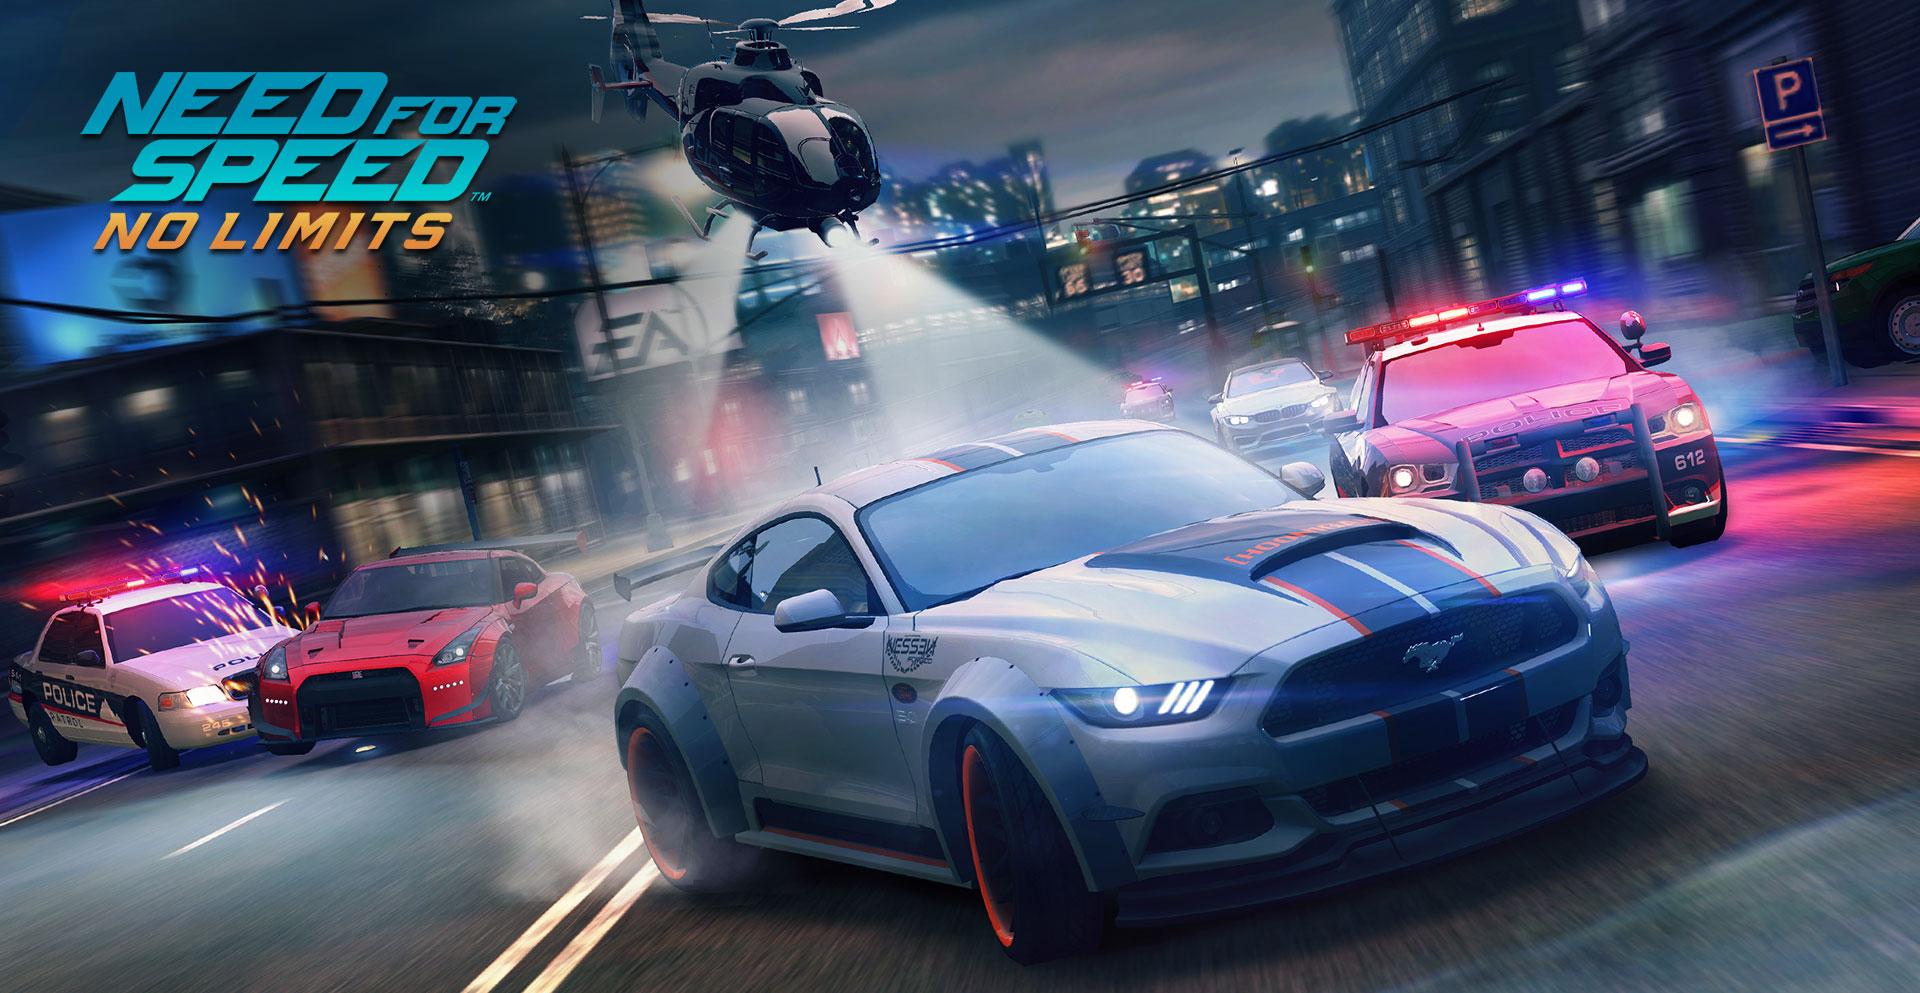 Możesz już pobrać darmowe Need for Speed: No Limits. Nie mogli gorzej trafić z nazwą